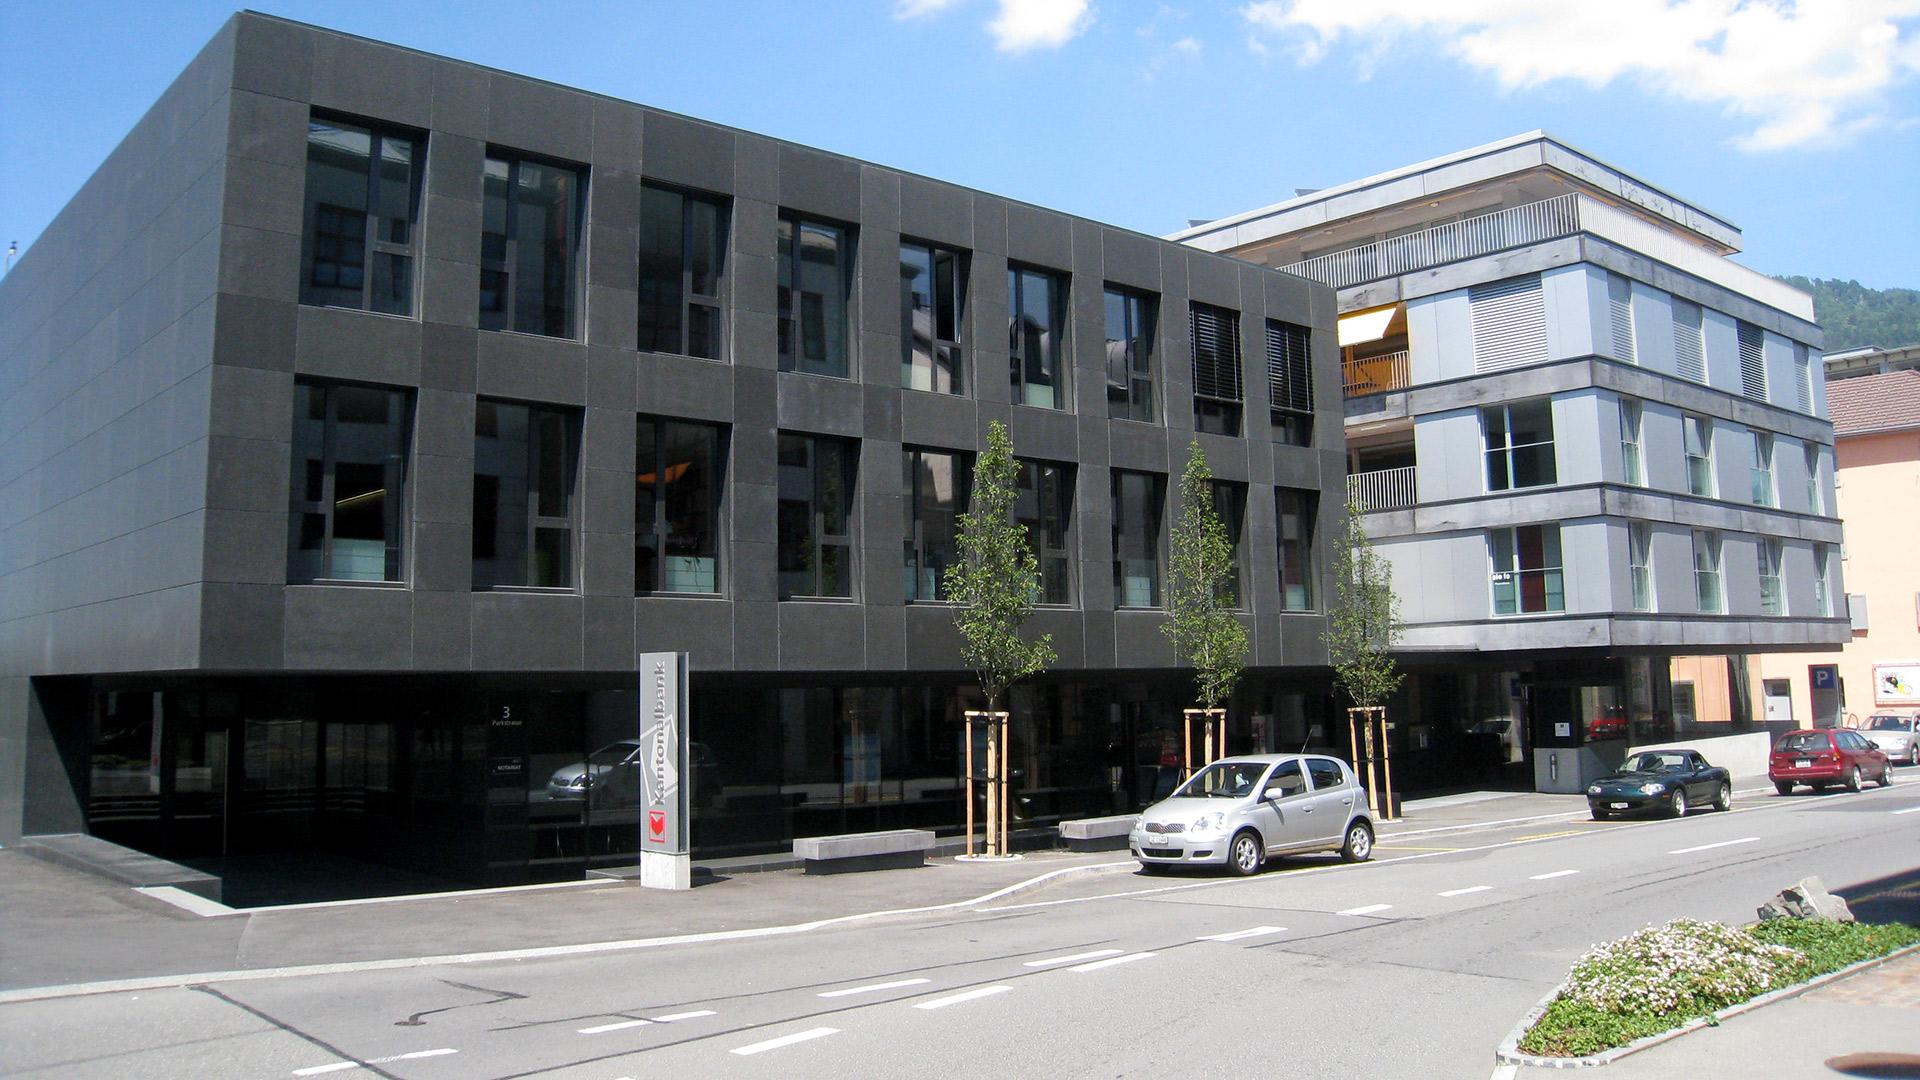 Hubli und Landolt AG, Referenzen, Geschäfts-Gewerbebauten